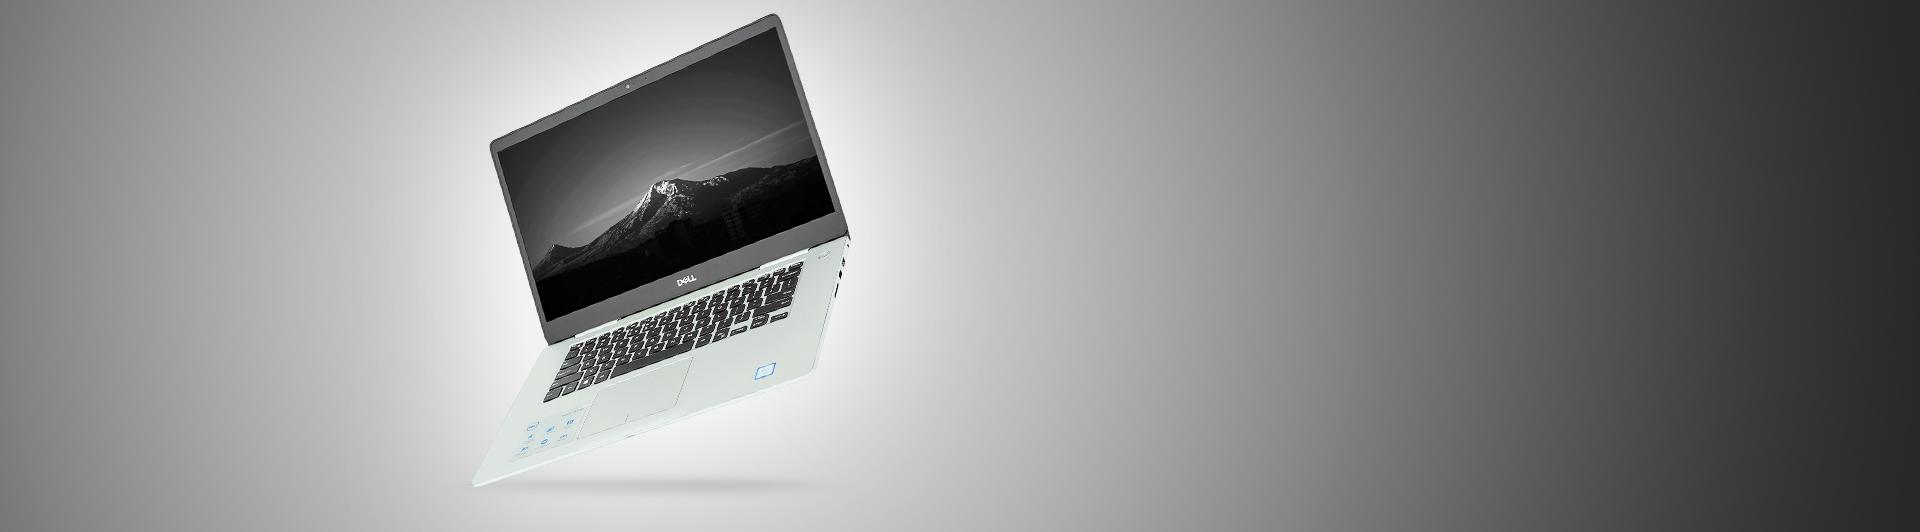 Thiết kế màn hình 15 inch nhưng kích thước chỉ tương đương 13-14 inch